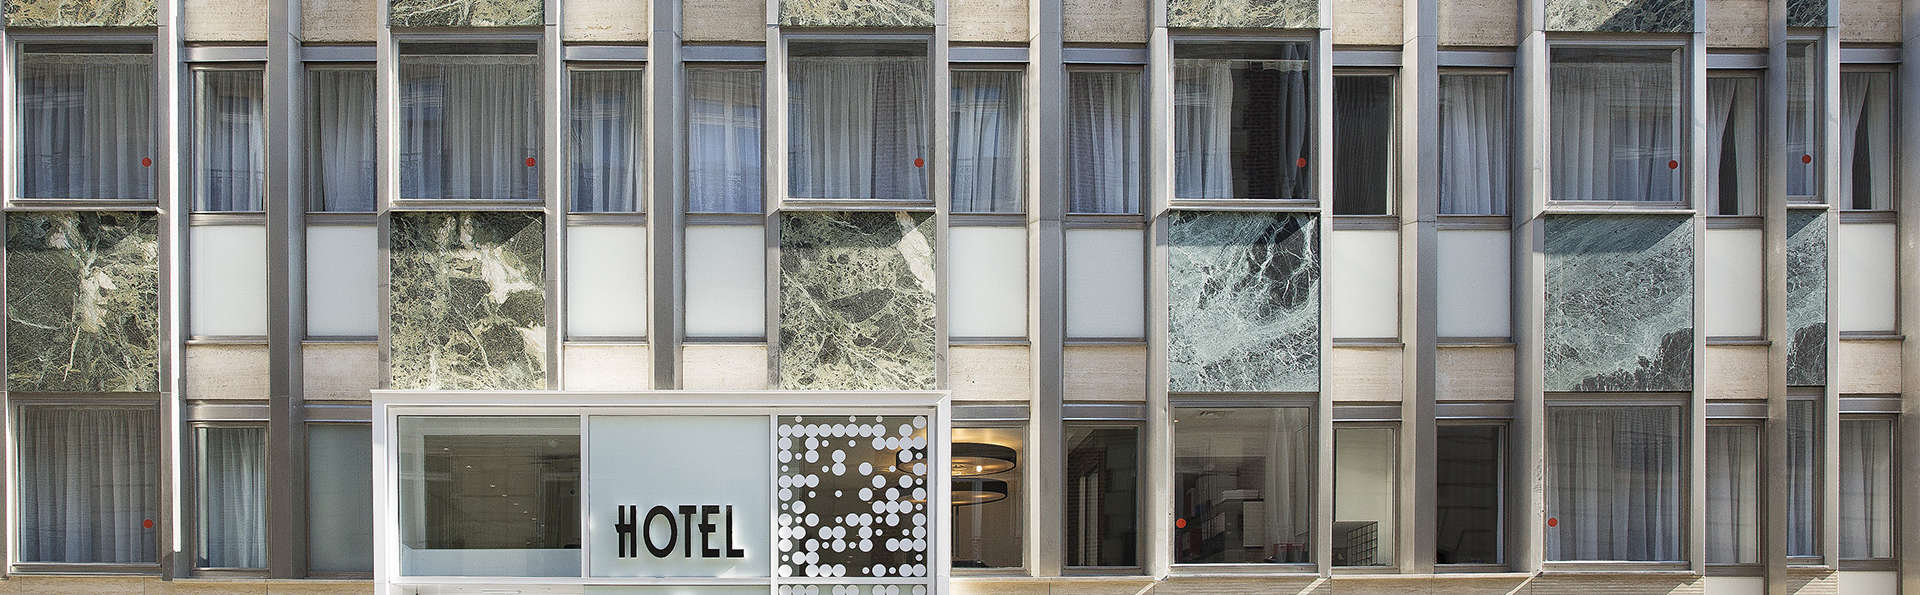 Hôtel Ekta - EDIT_FACADE_2.jpg